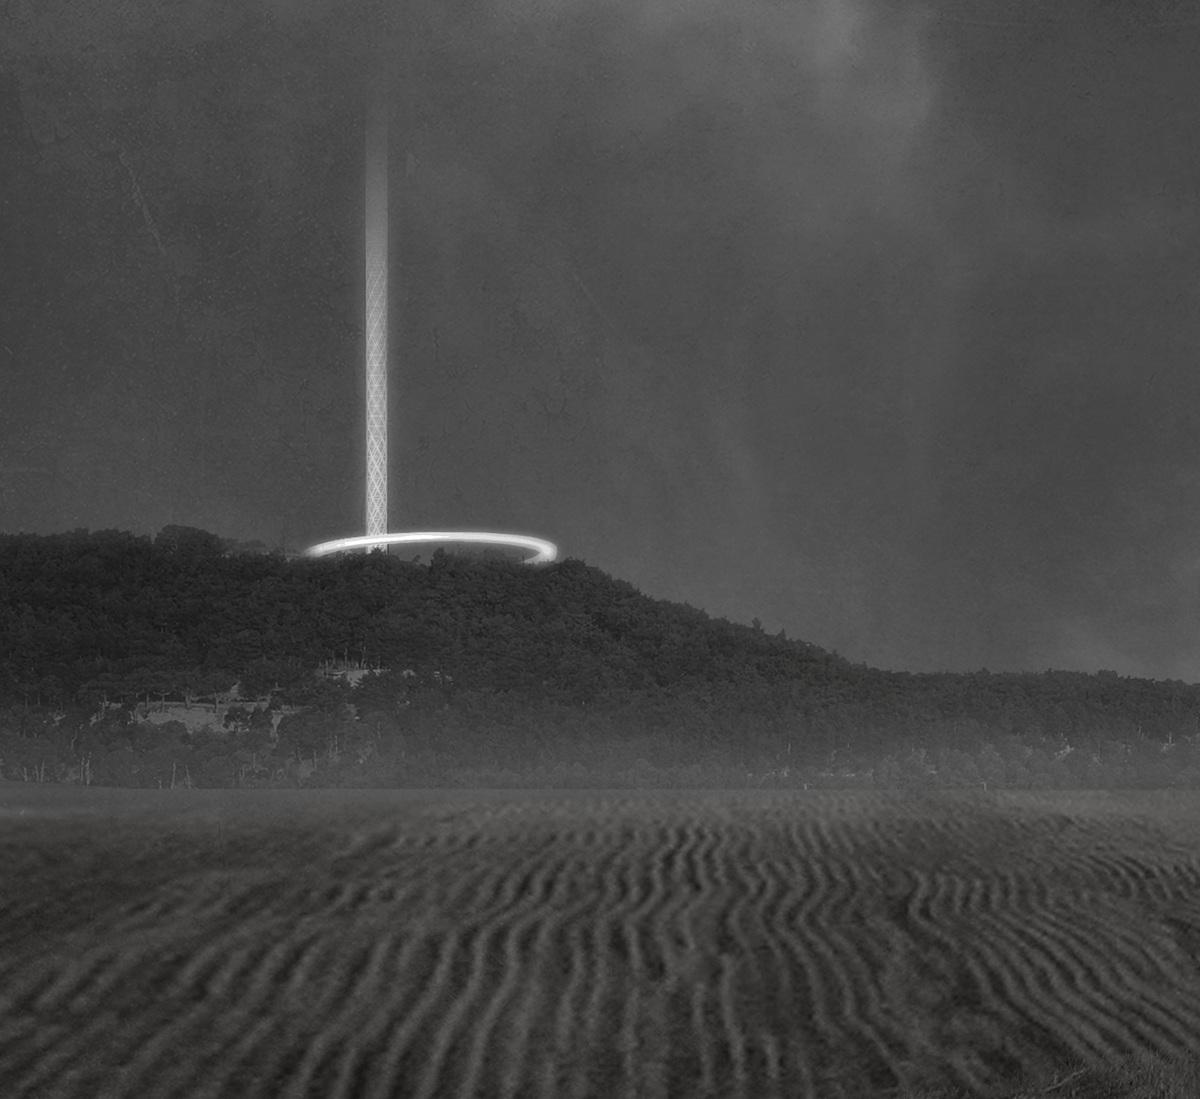 2nd Prize: Snøhetta & Özer/Ürger Architects & Battle Mccarthy